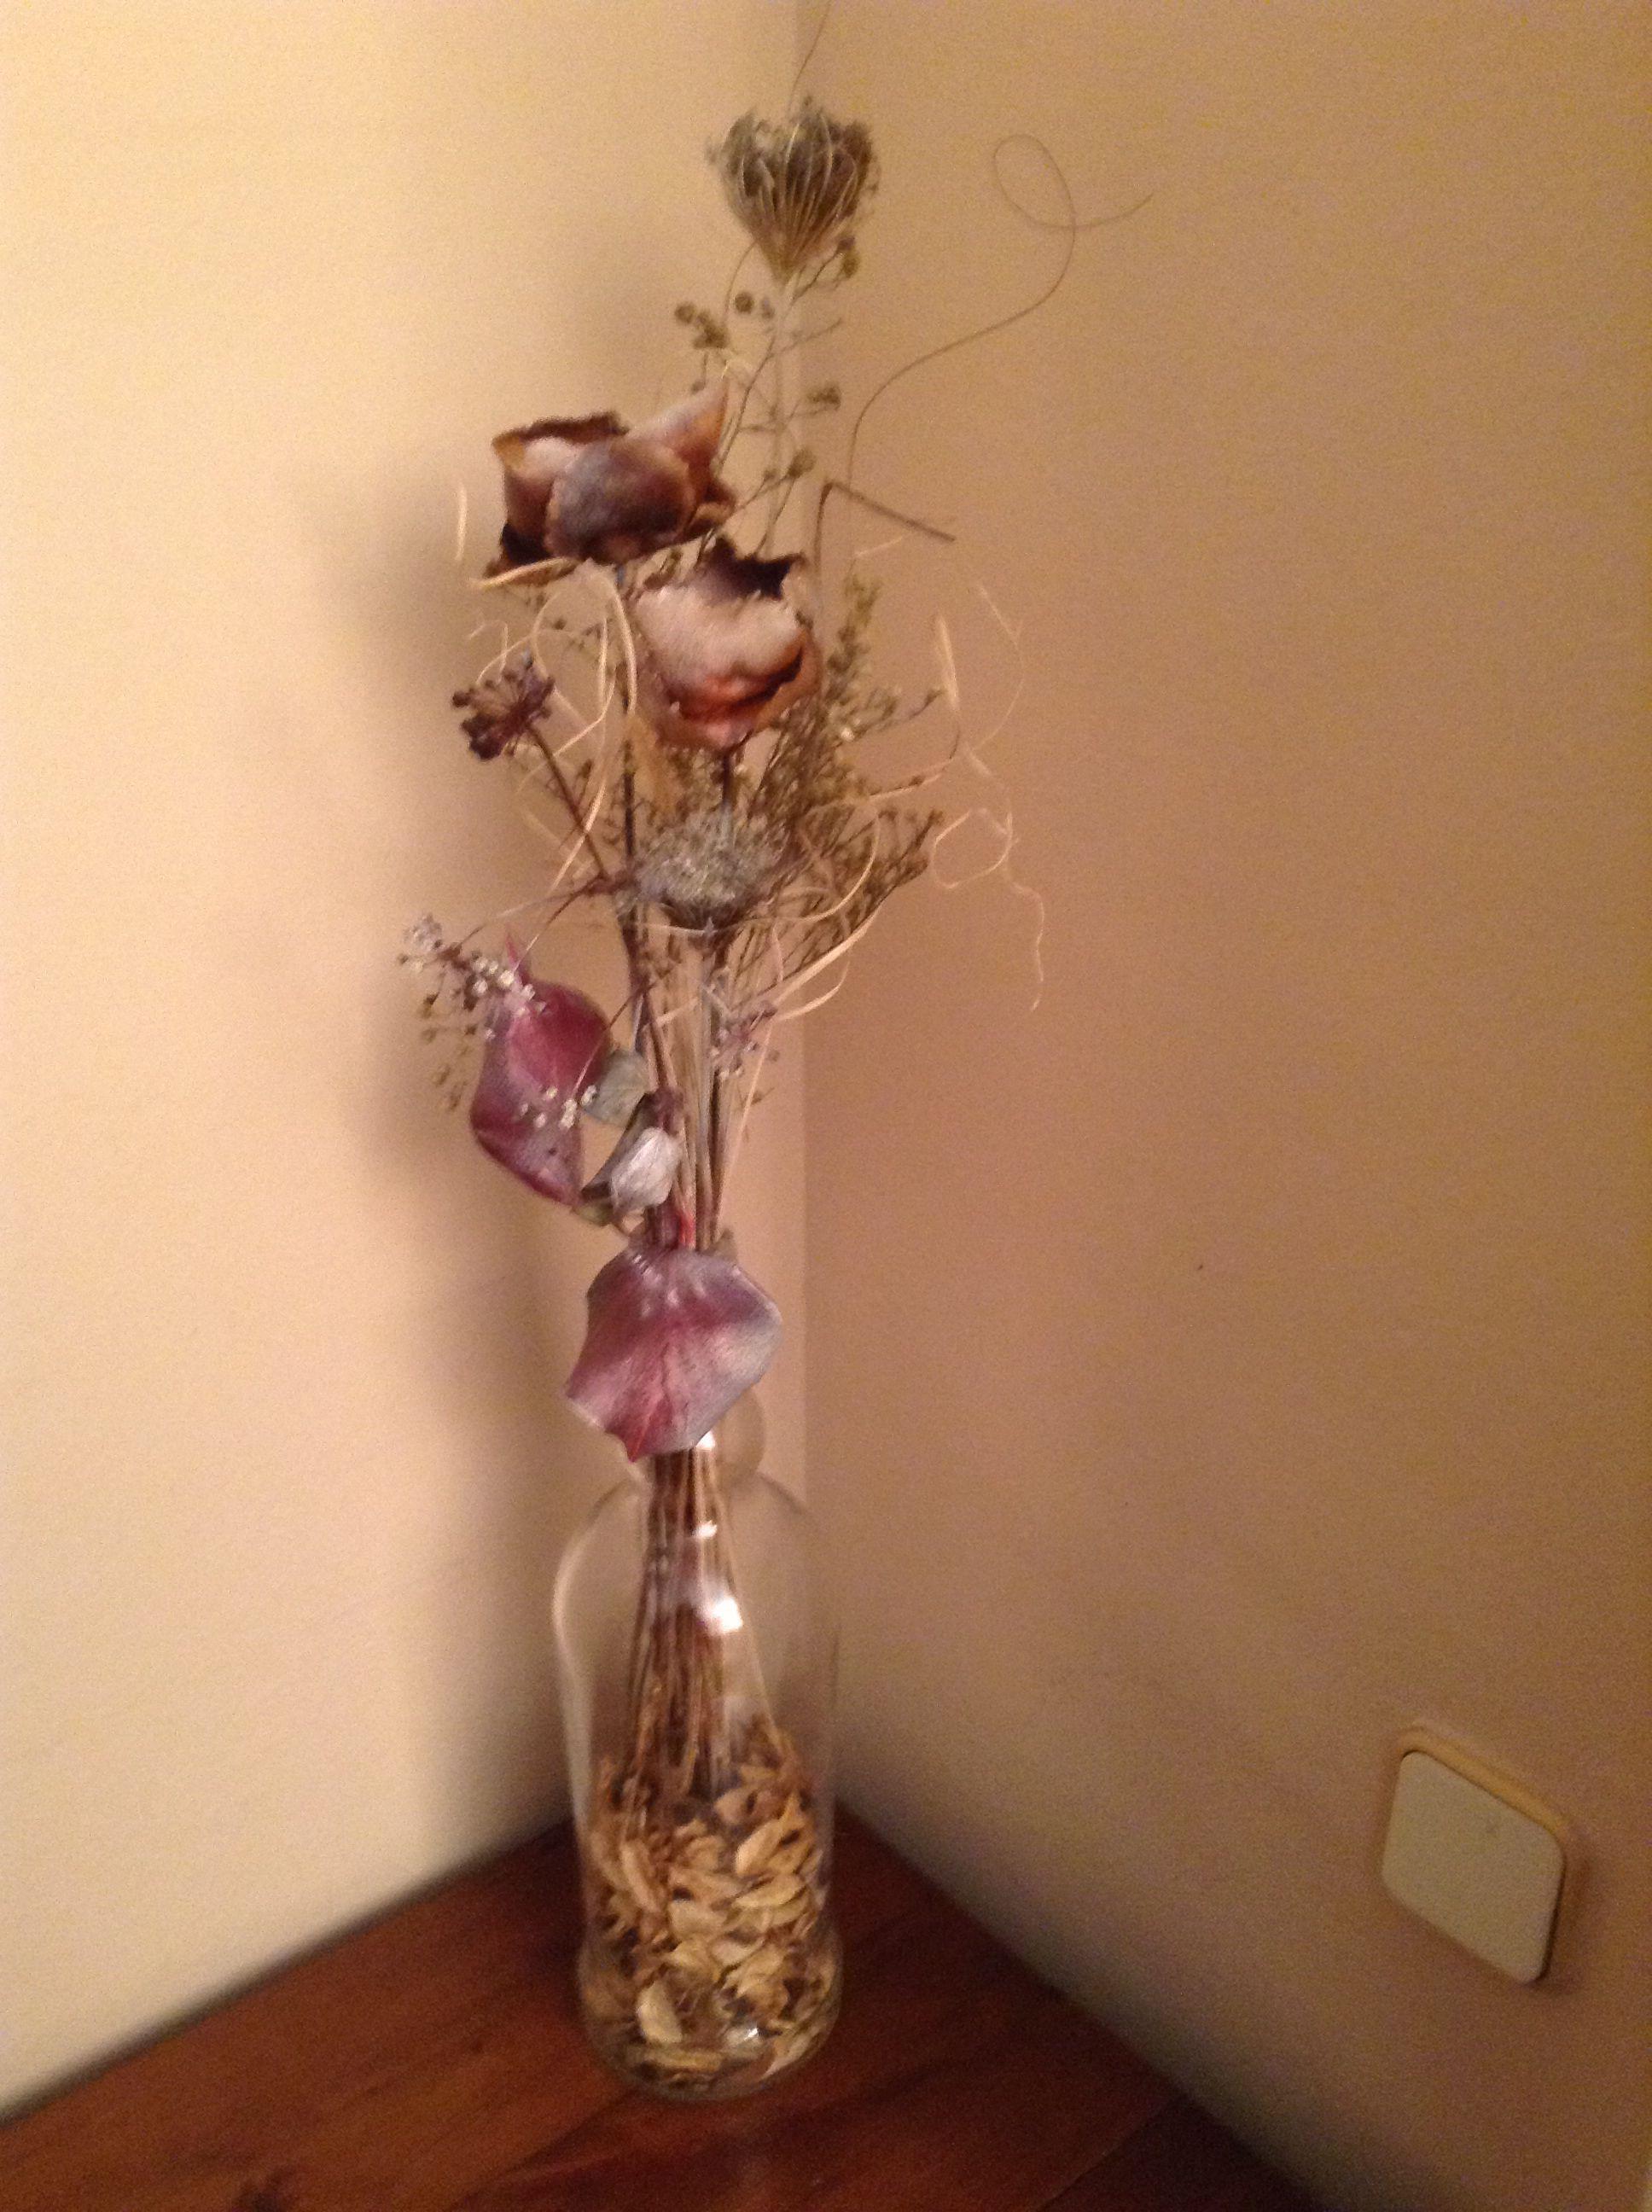 Botella De Ron Con Flores Secas Jarrones De Flores Secas - Jarrones-con-flores-secas